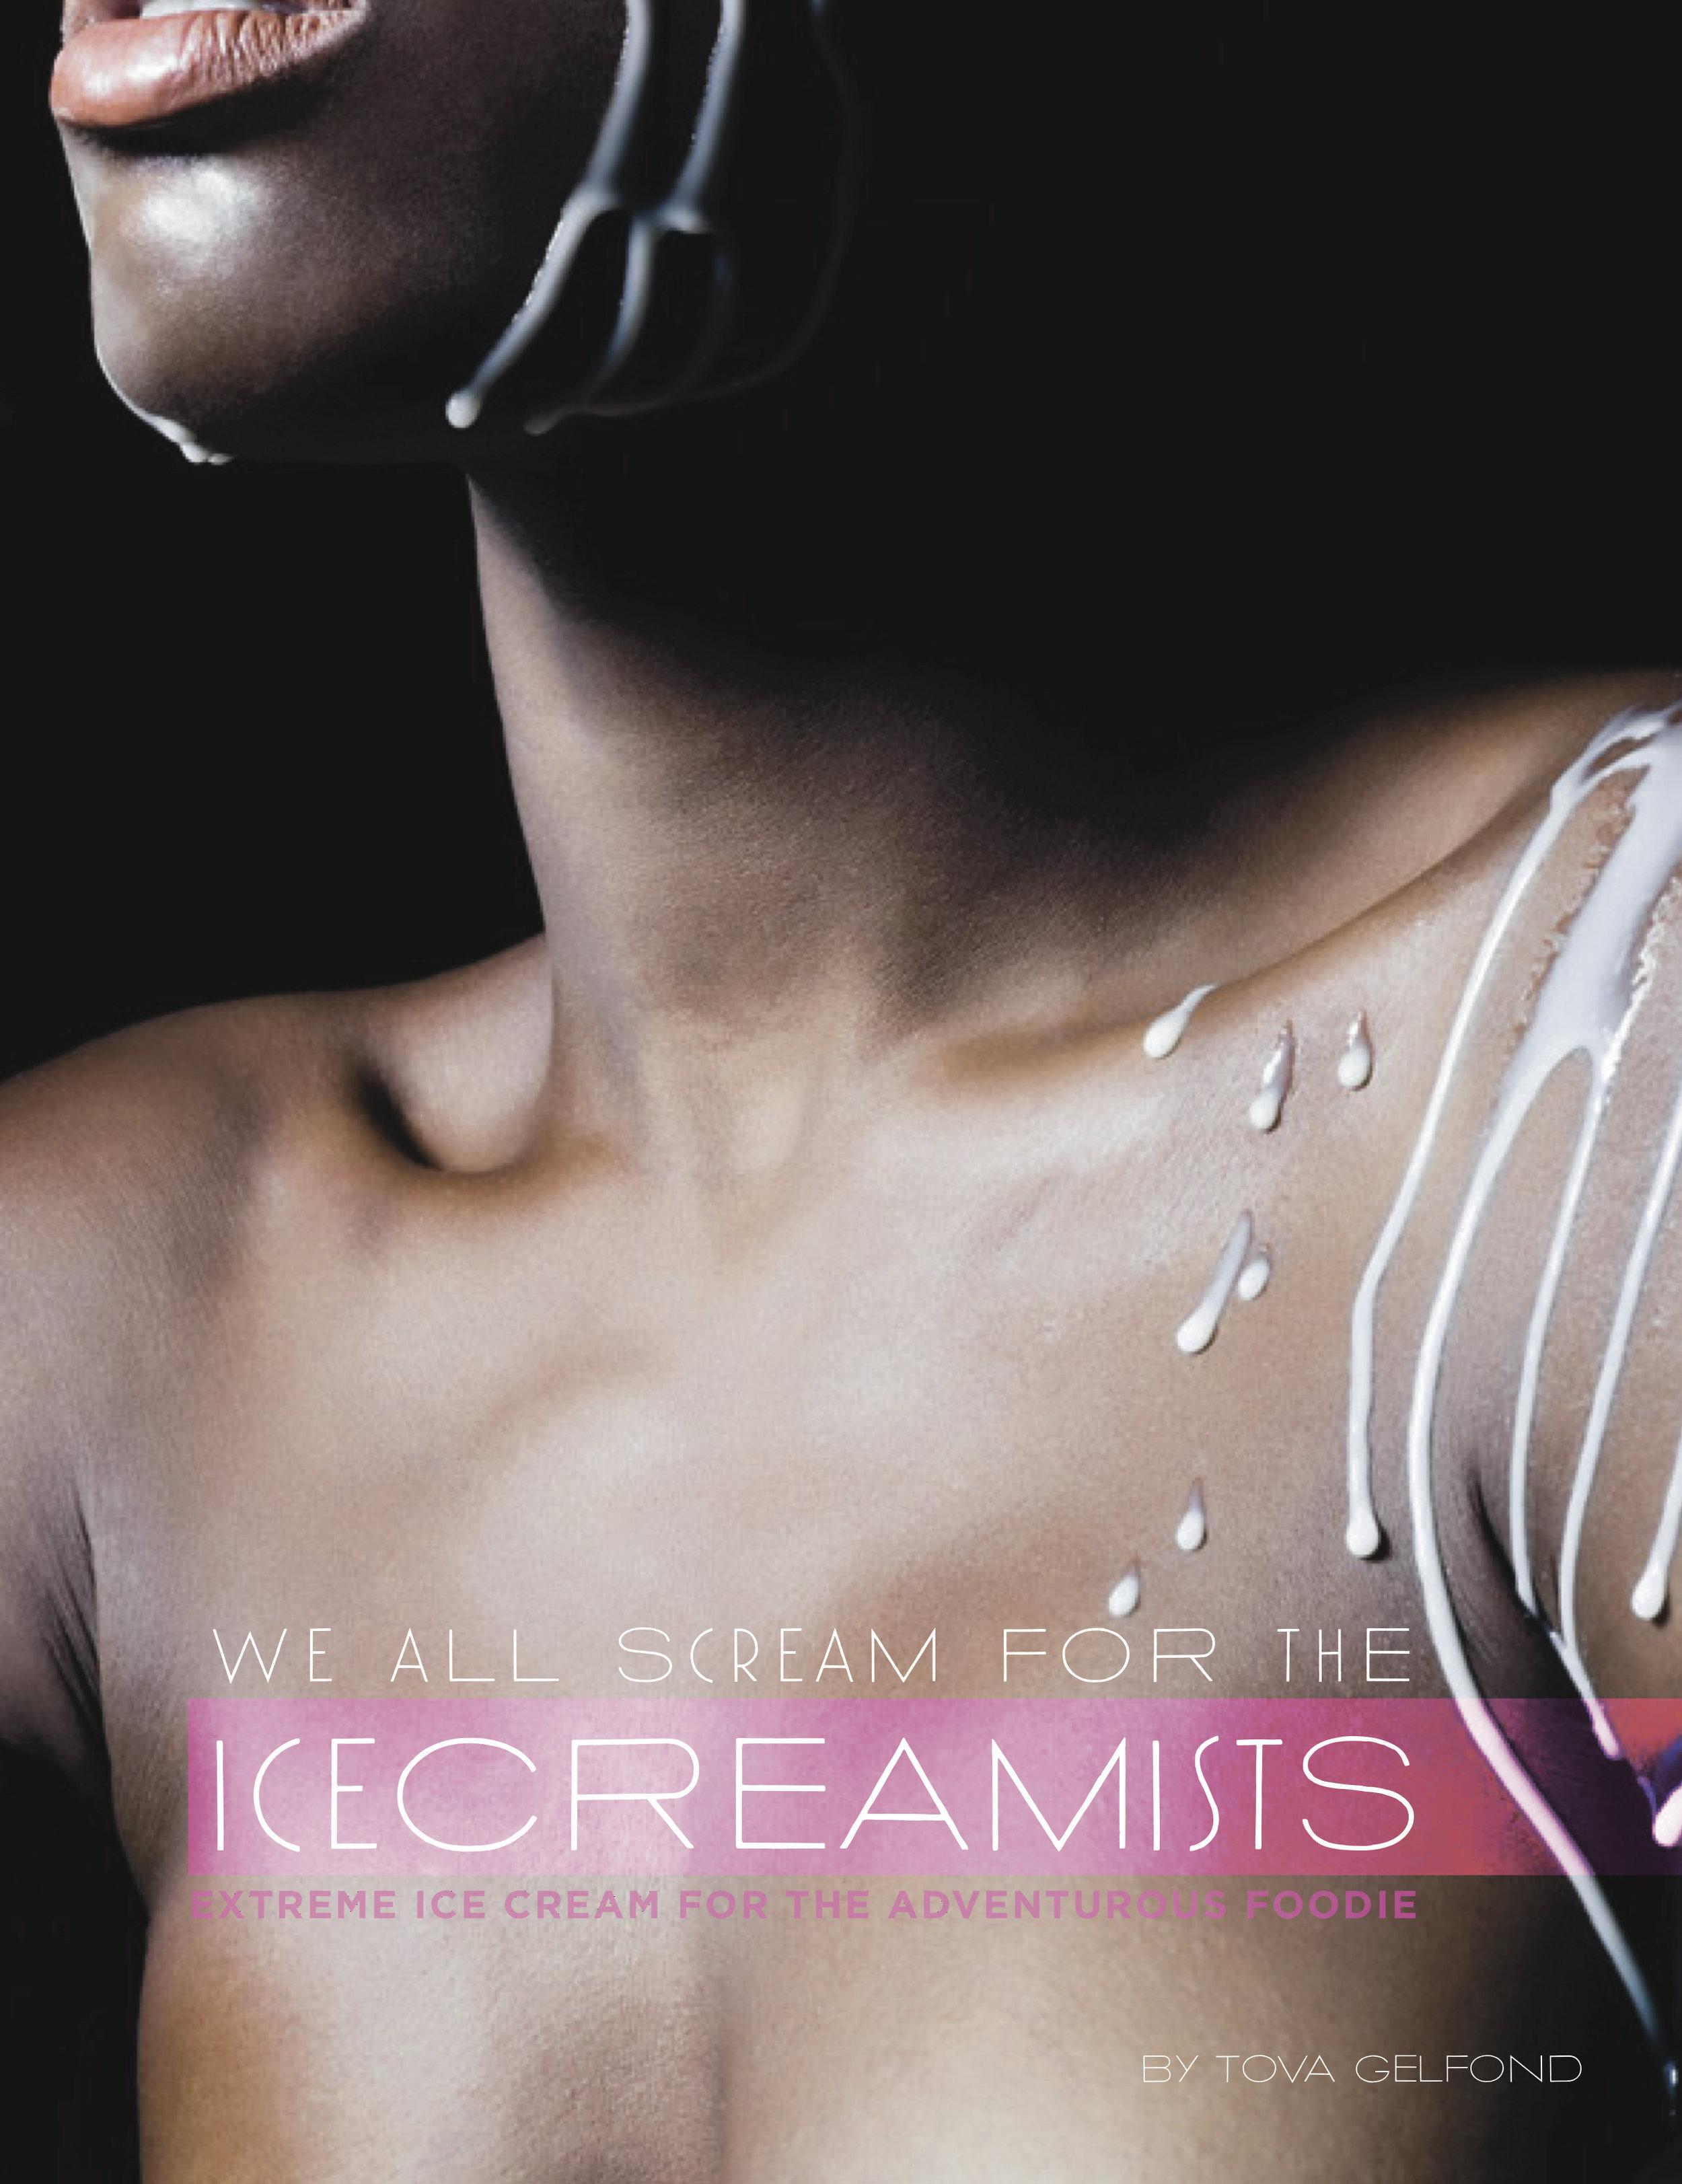 Icecreamistspg1.jpg